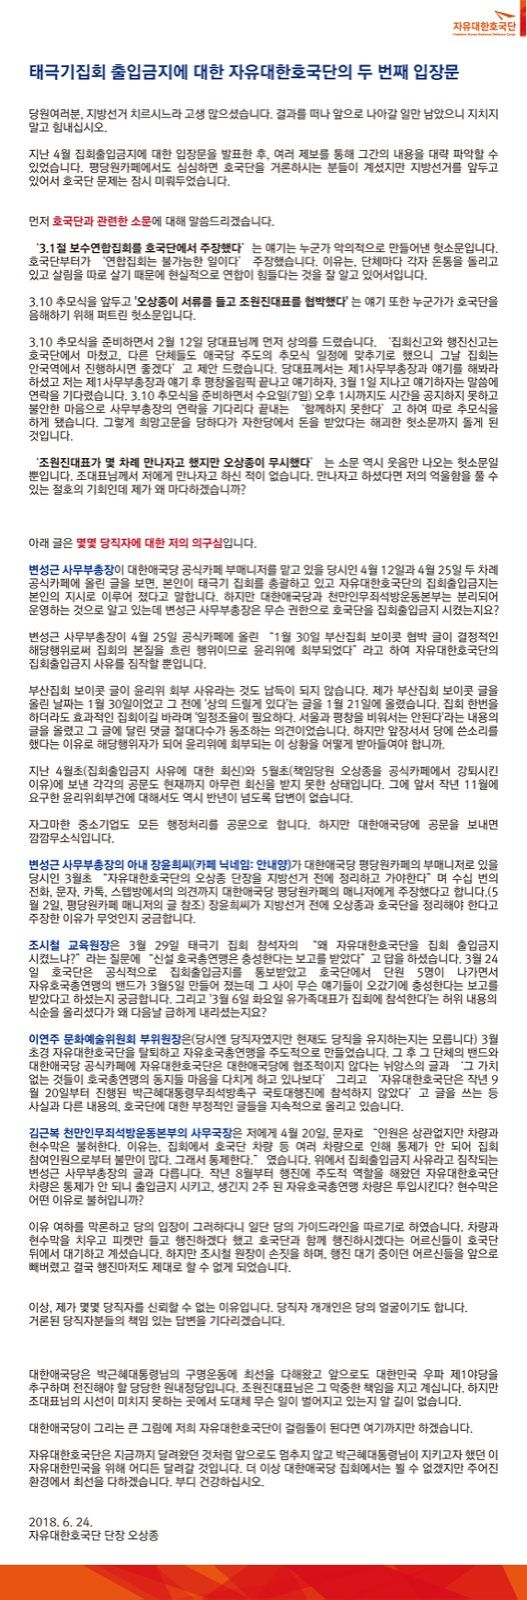 태극기집회출입금지에 대한 자유대한호국단의 두번째입장문 Https Wp Me P9gjcw 4nw Blog Posts Screenshots